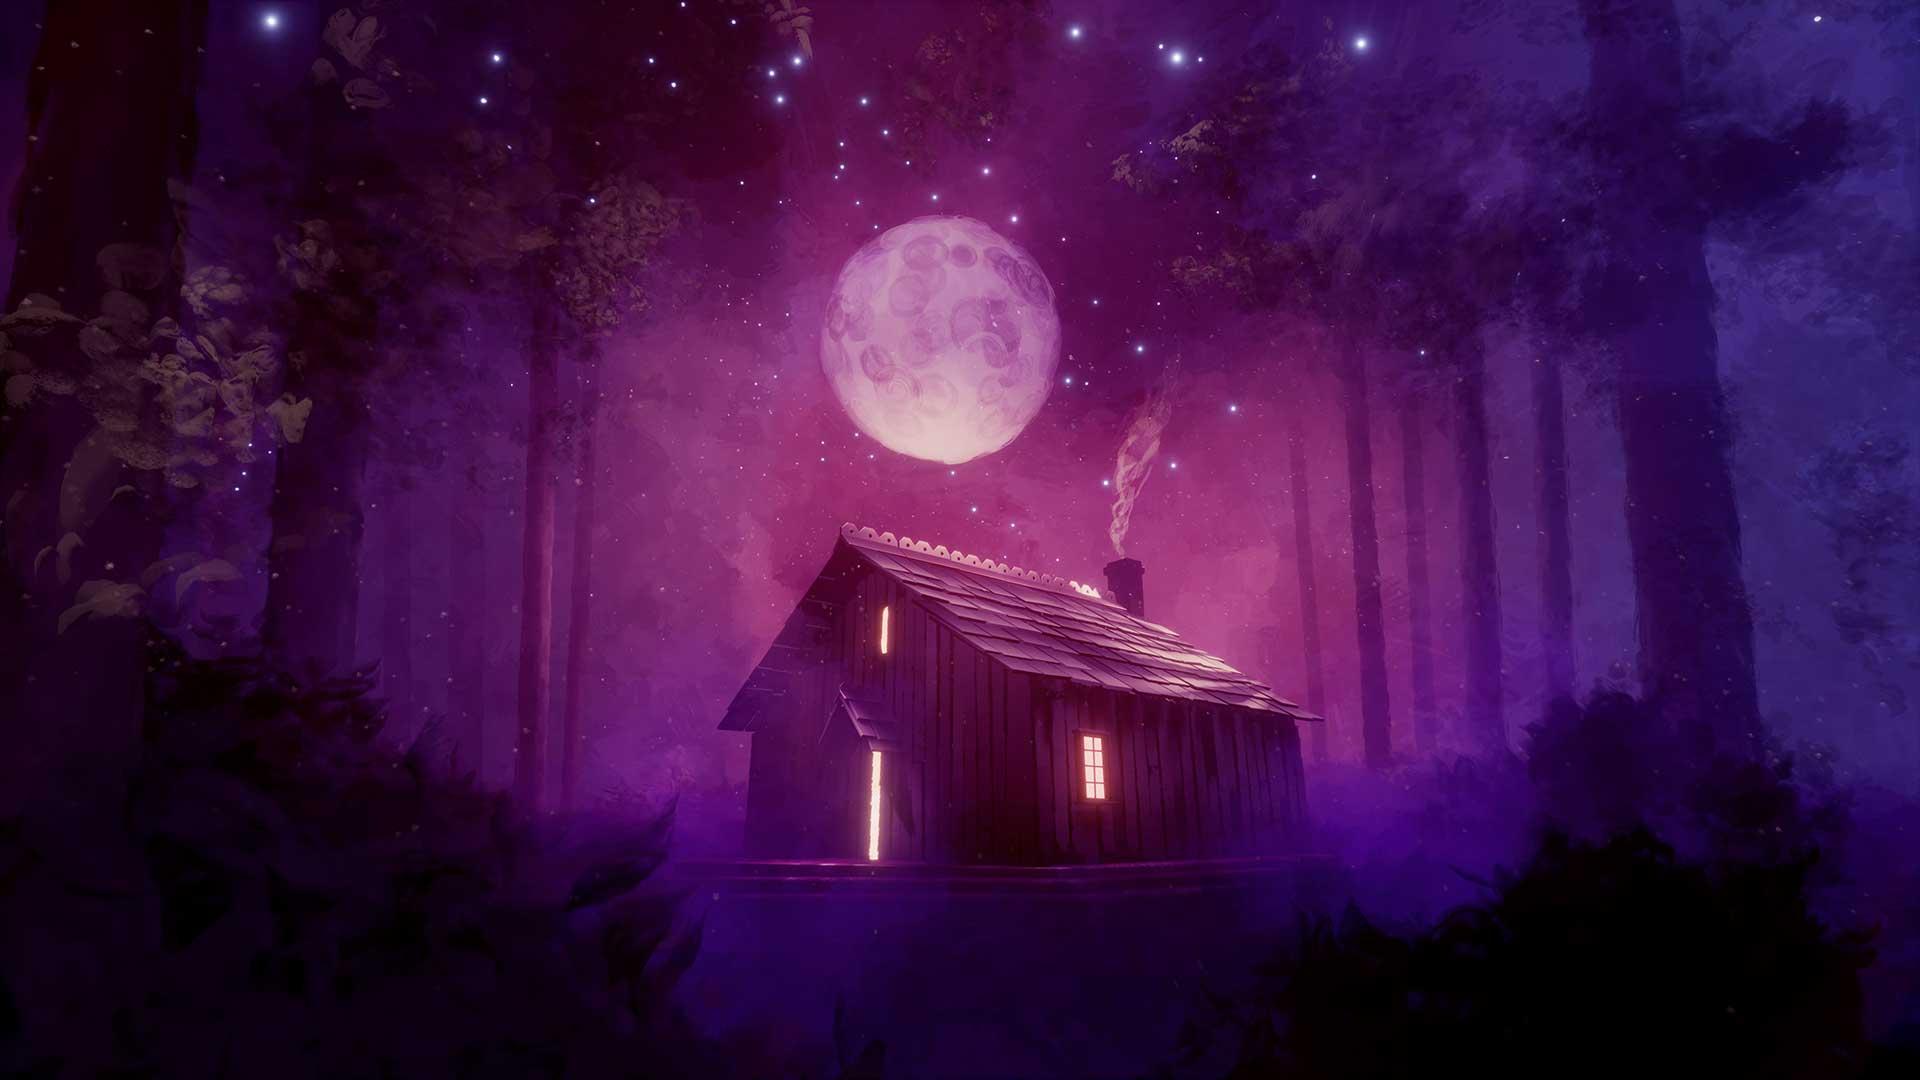 The Cabin - Dreams